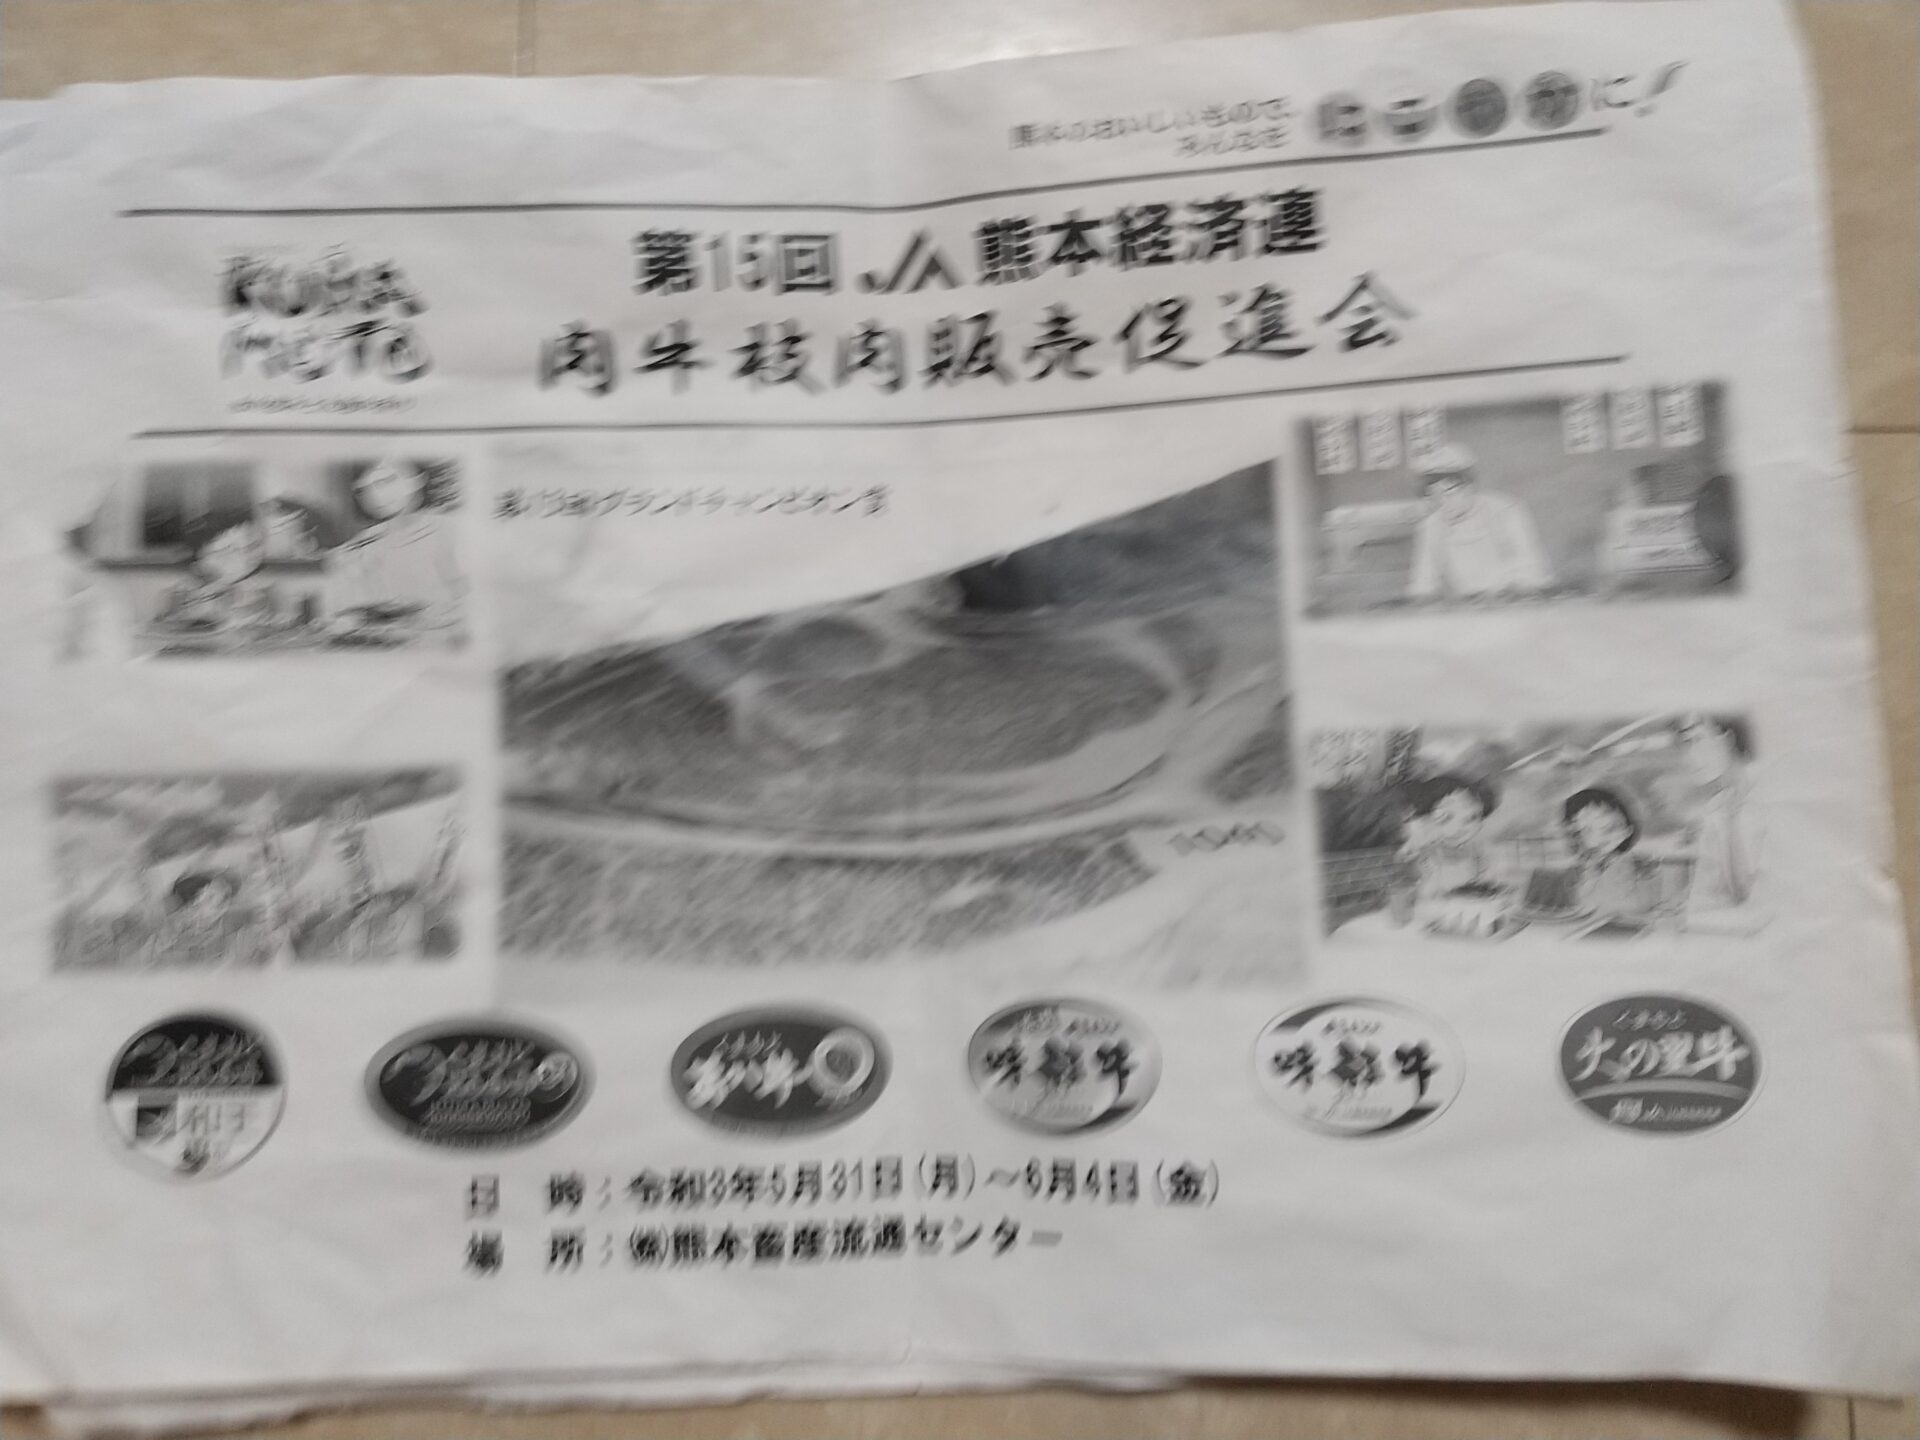 肉牛枝肉販売促進会